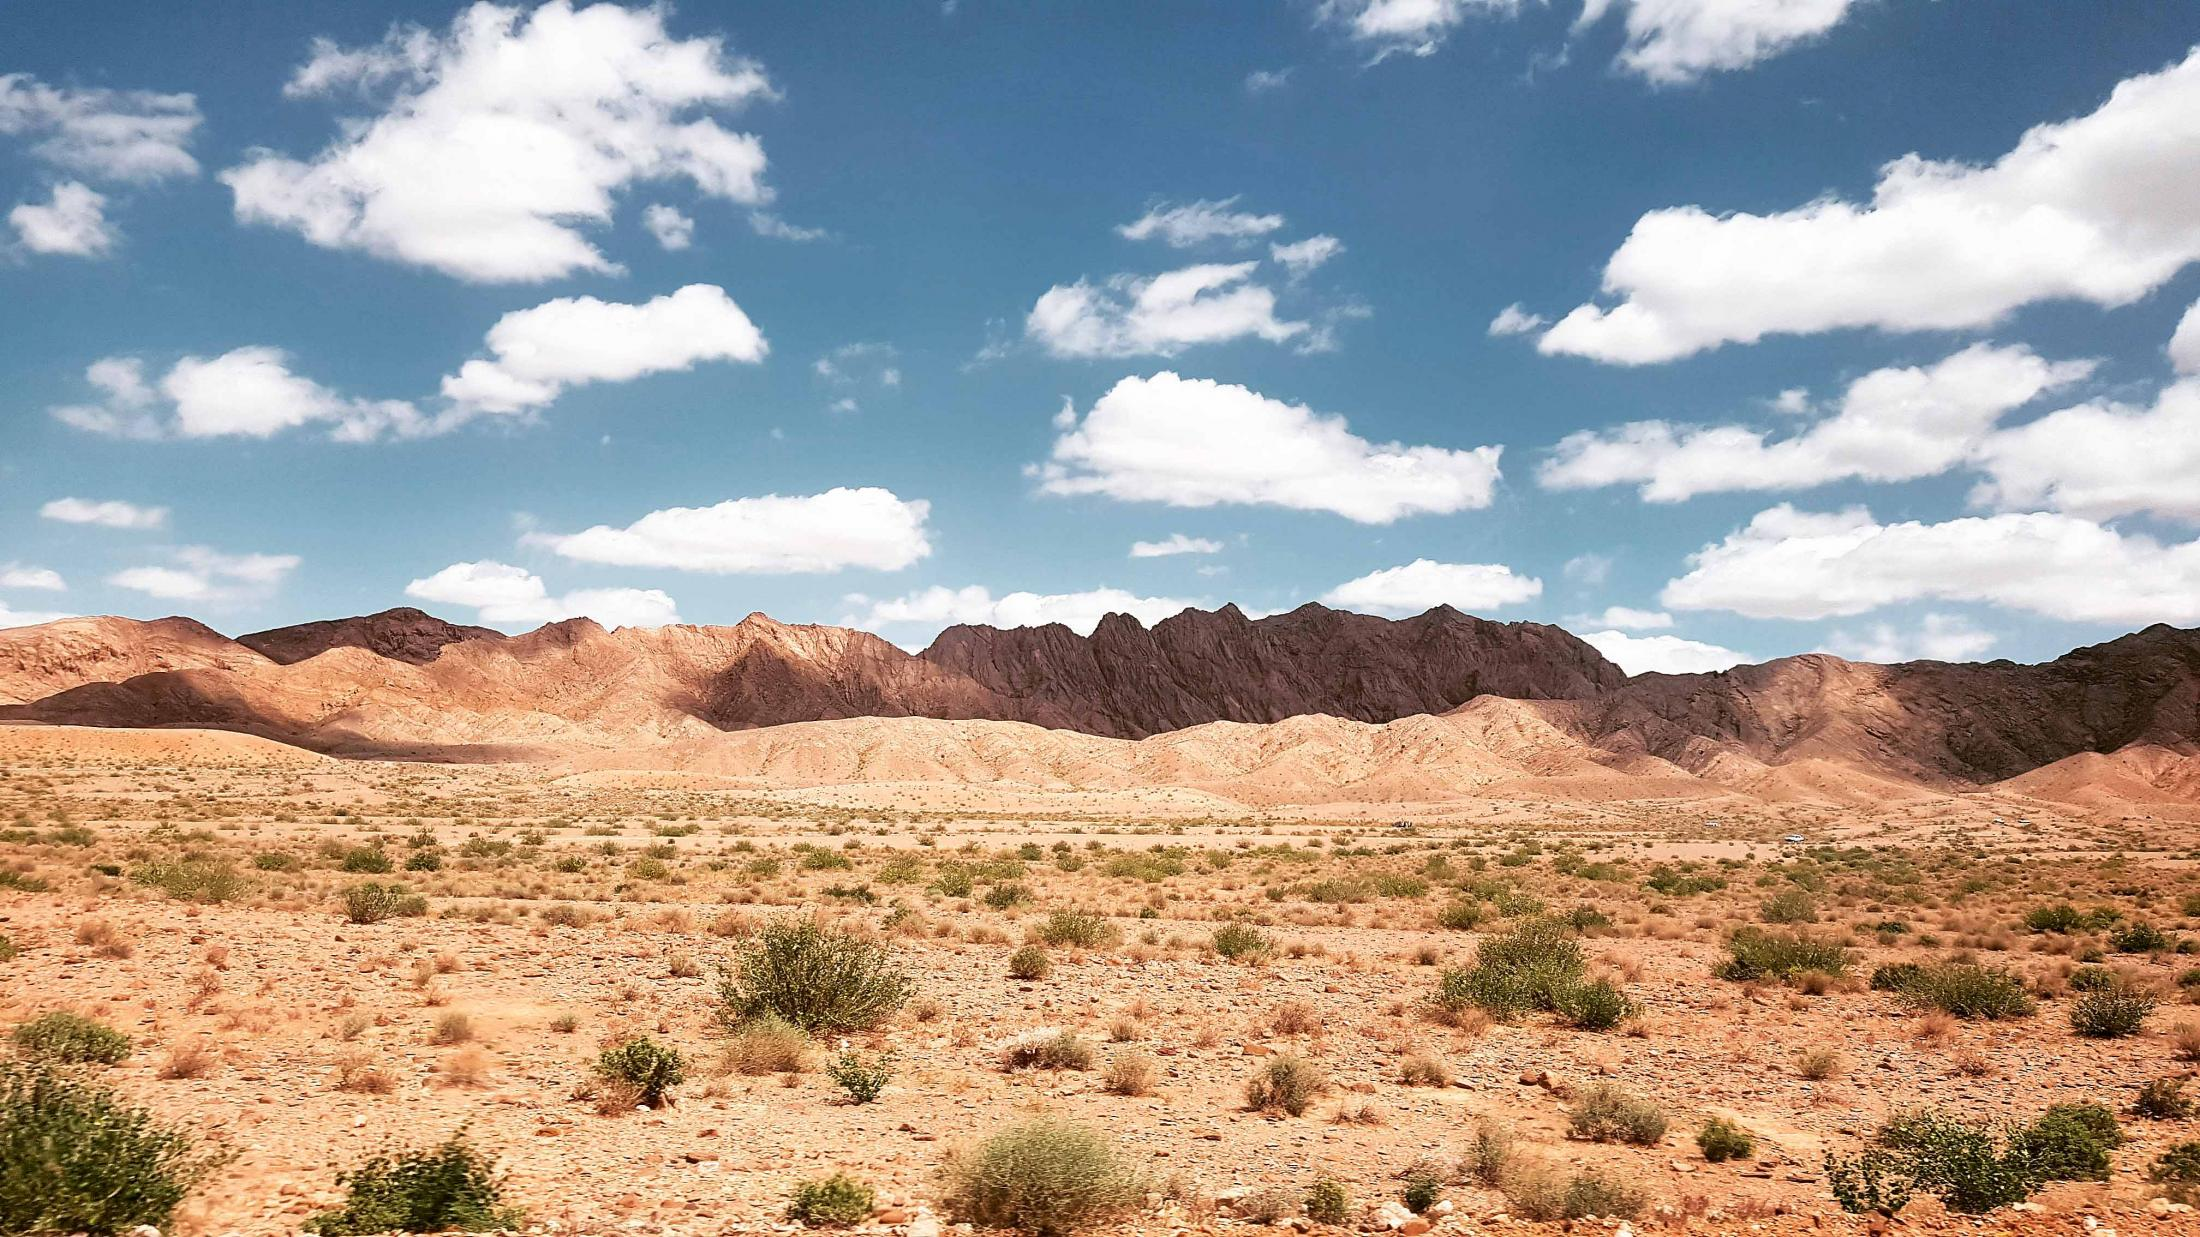 #clouds #mesr #desert